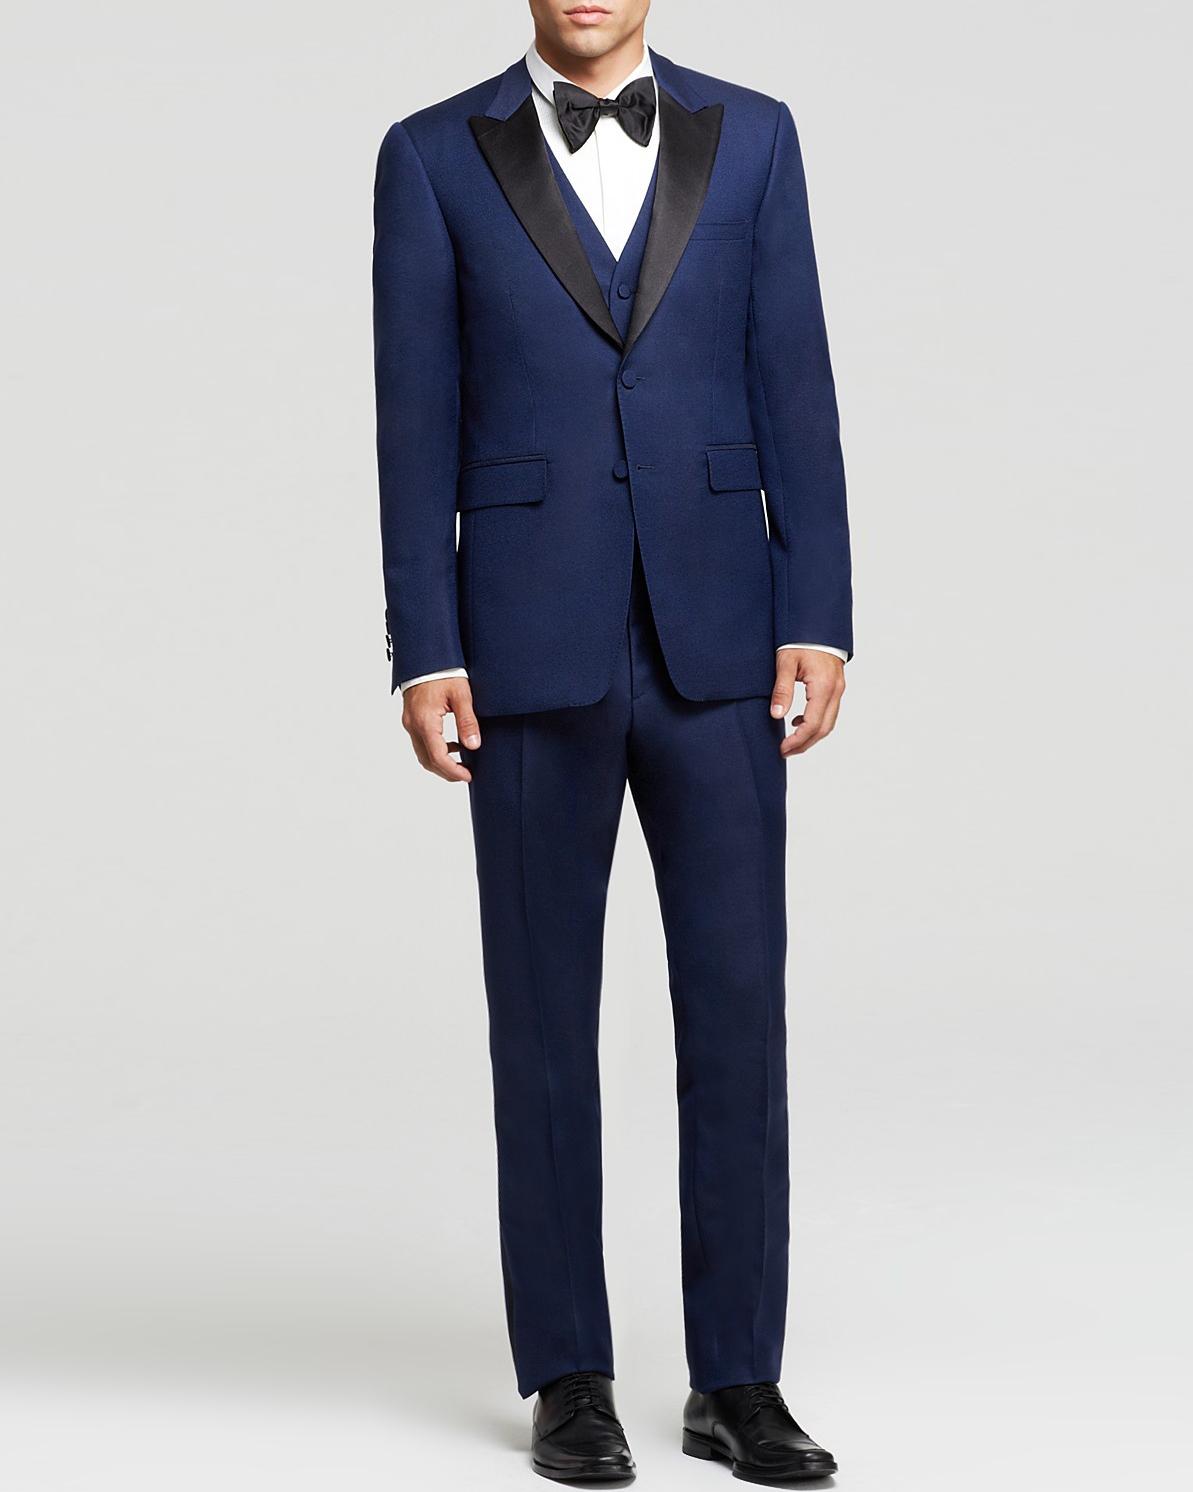 fall-groom-suits-bloomingdales-burberry-london-tuxedo-1014.jpg